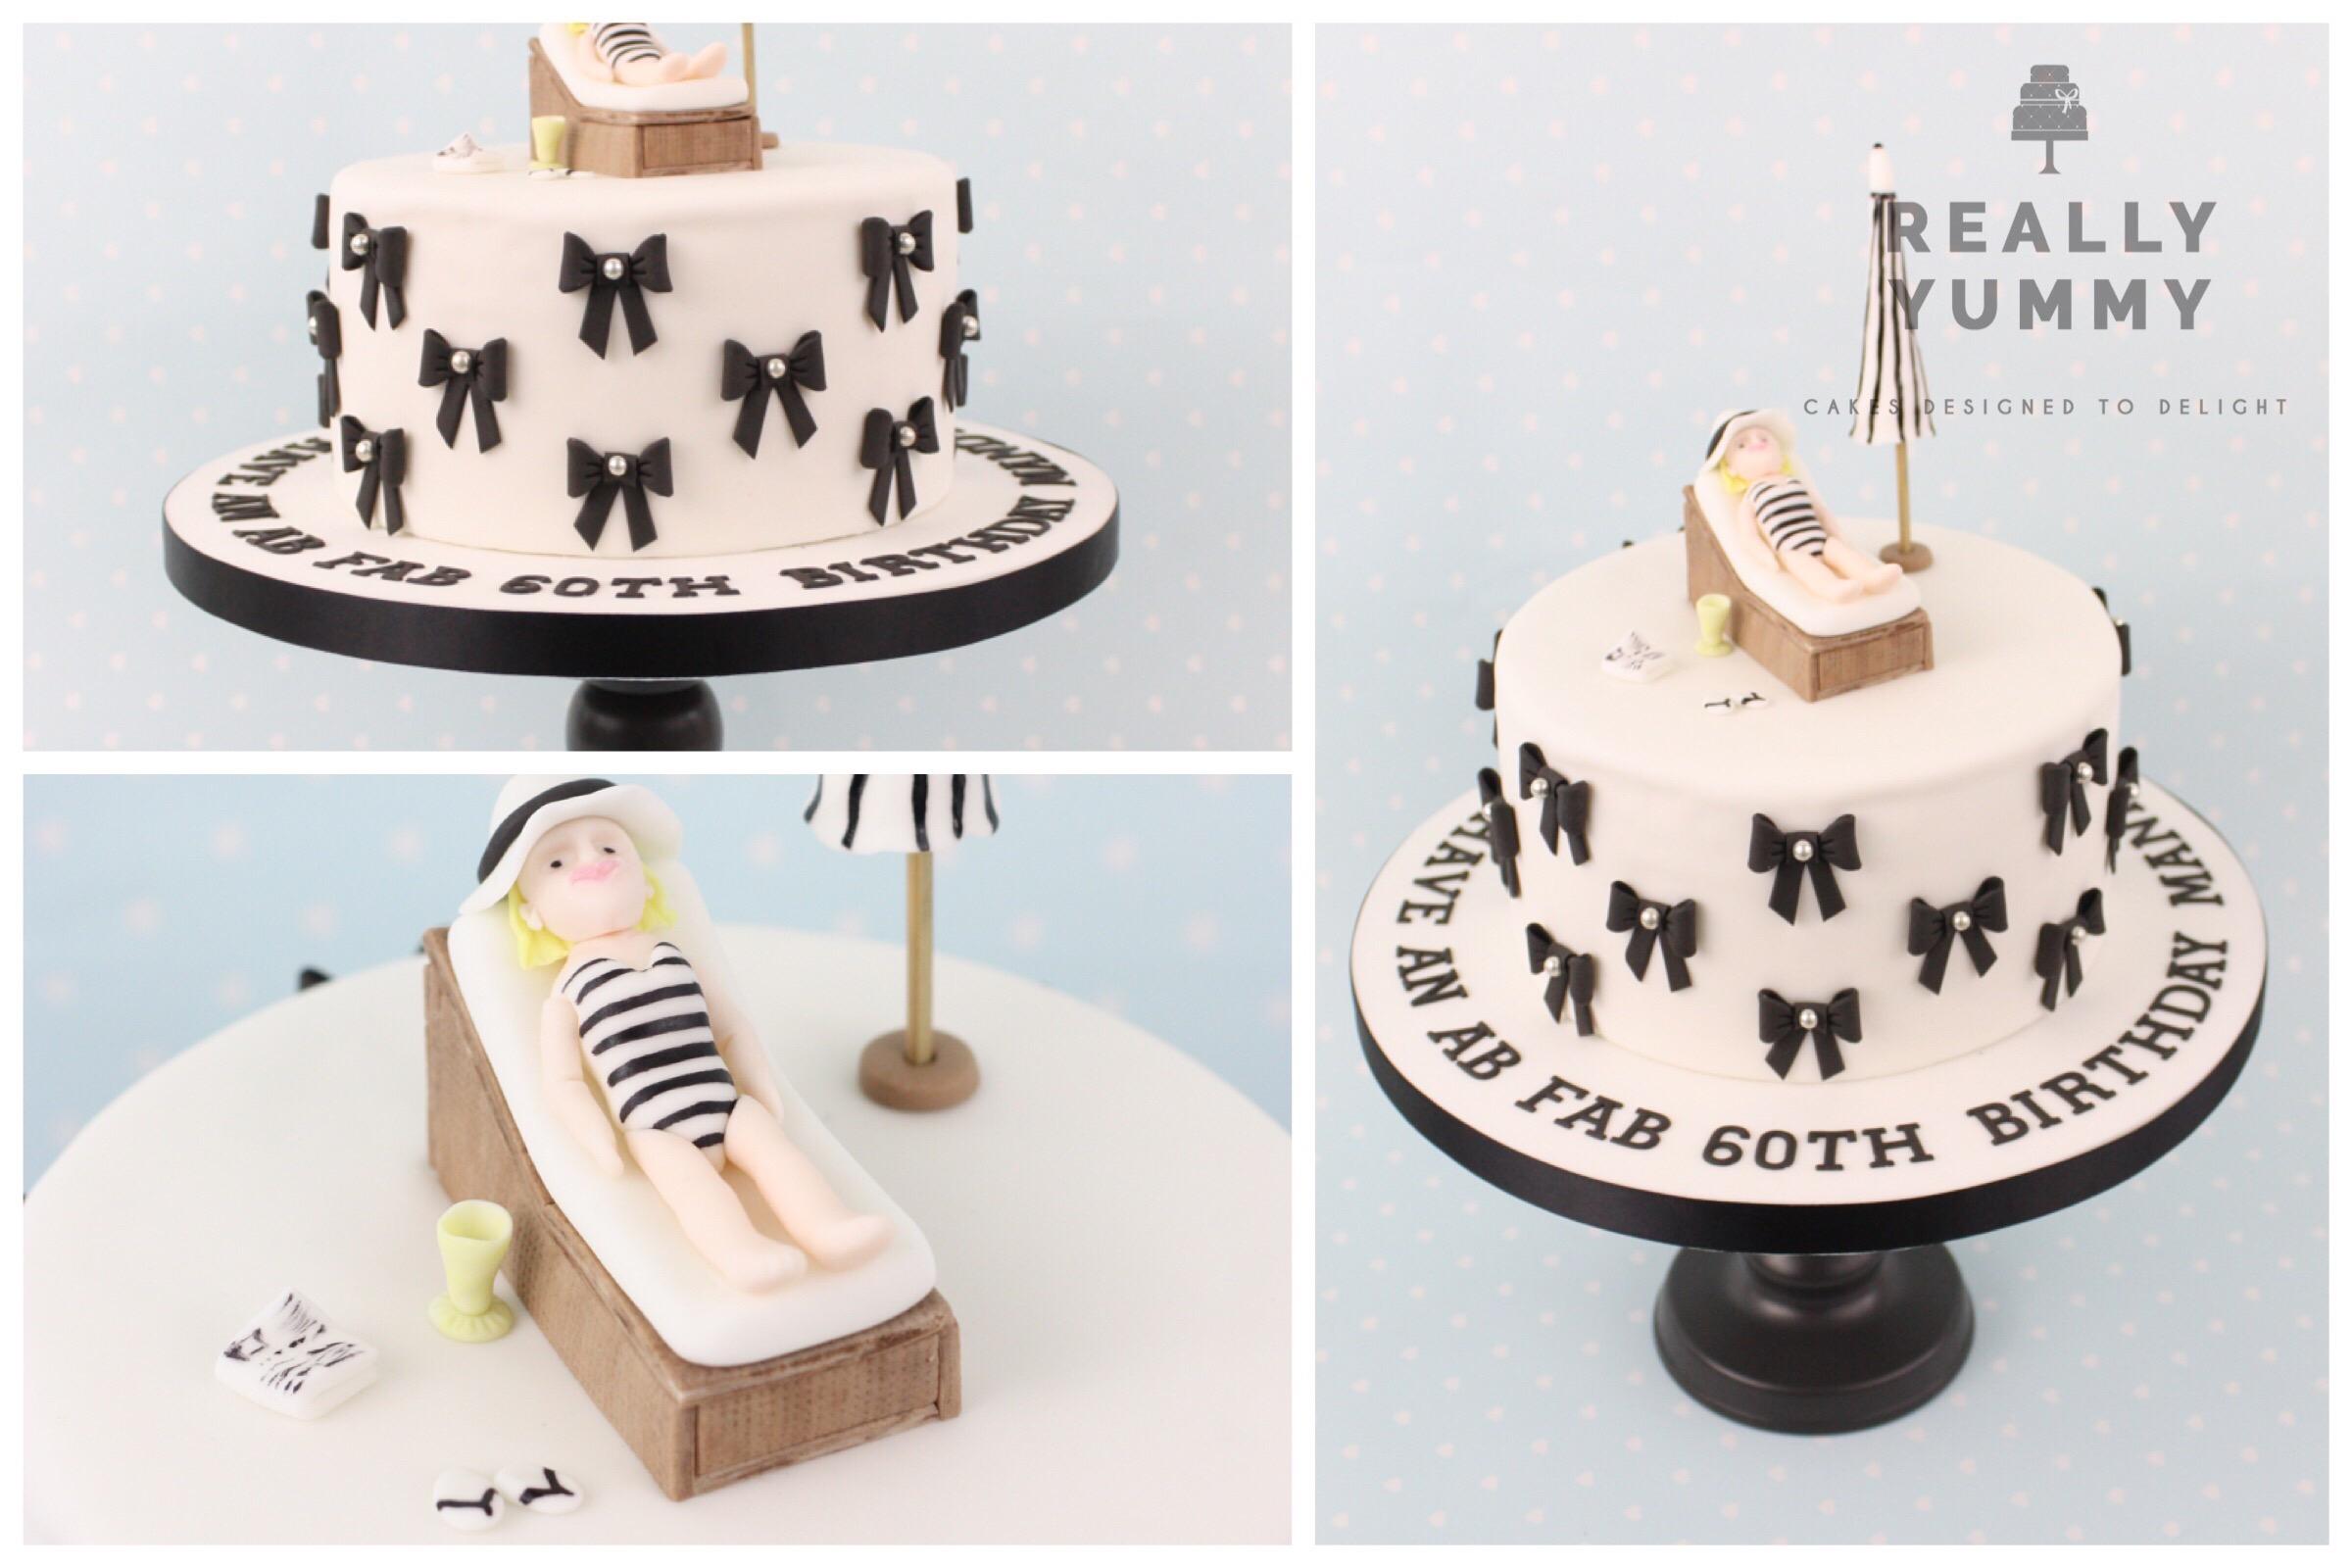 Sunbathing cake with bows